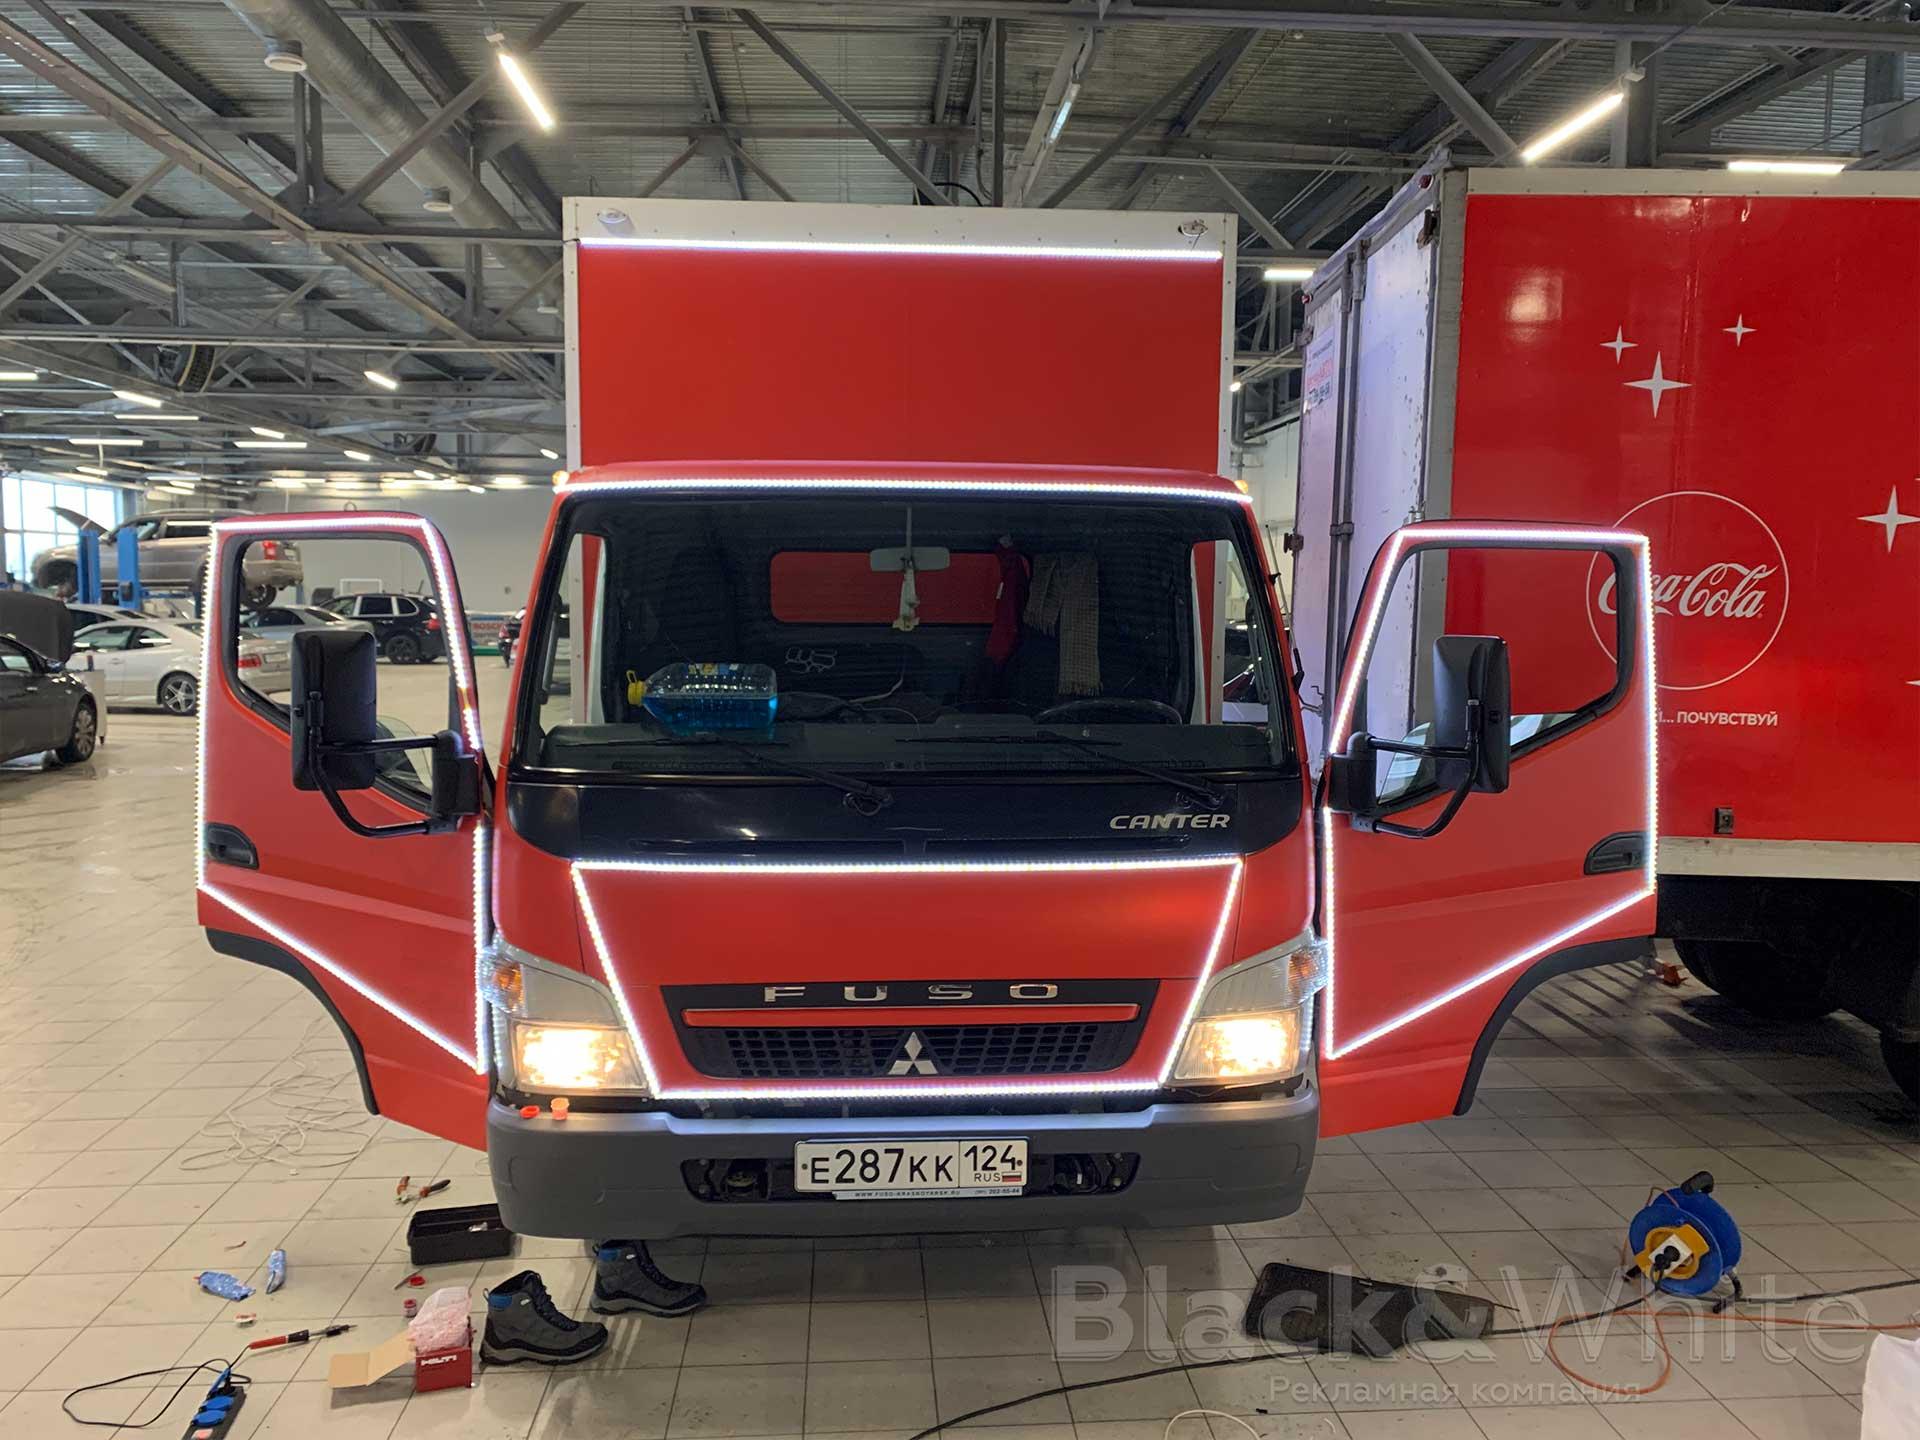 Брендирование-грузовиков-Кока-Кола-подсветка-светодиодной-лентой...jpg